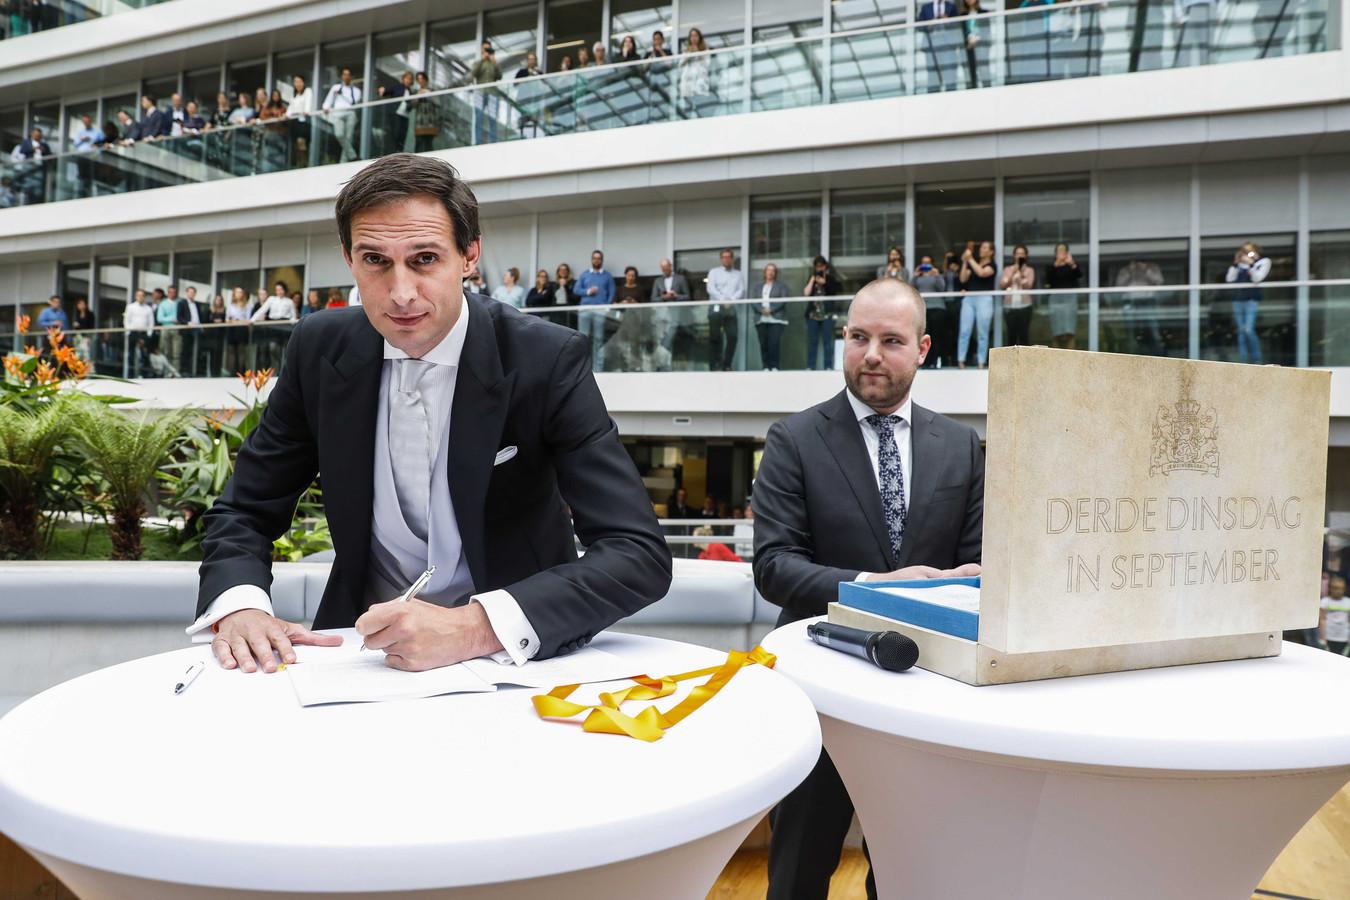 Minister Wopke Hoekstra van Financiën zet op Prinsjesdag zijn handtekening onder de rijksbegroting en miljoenennota.